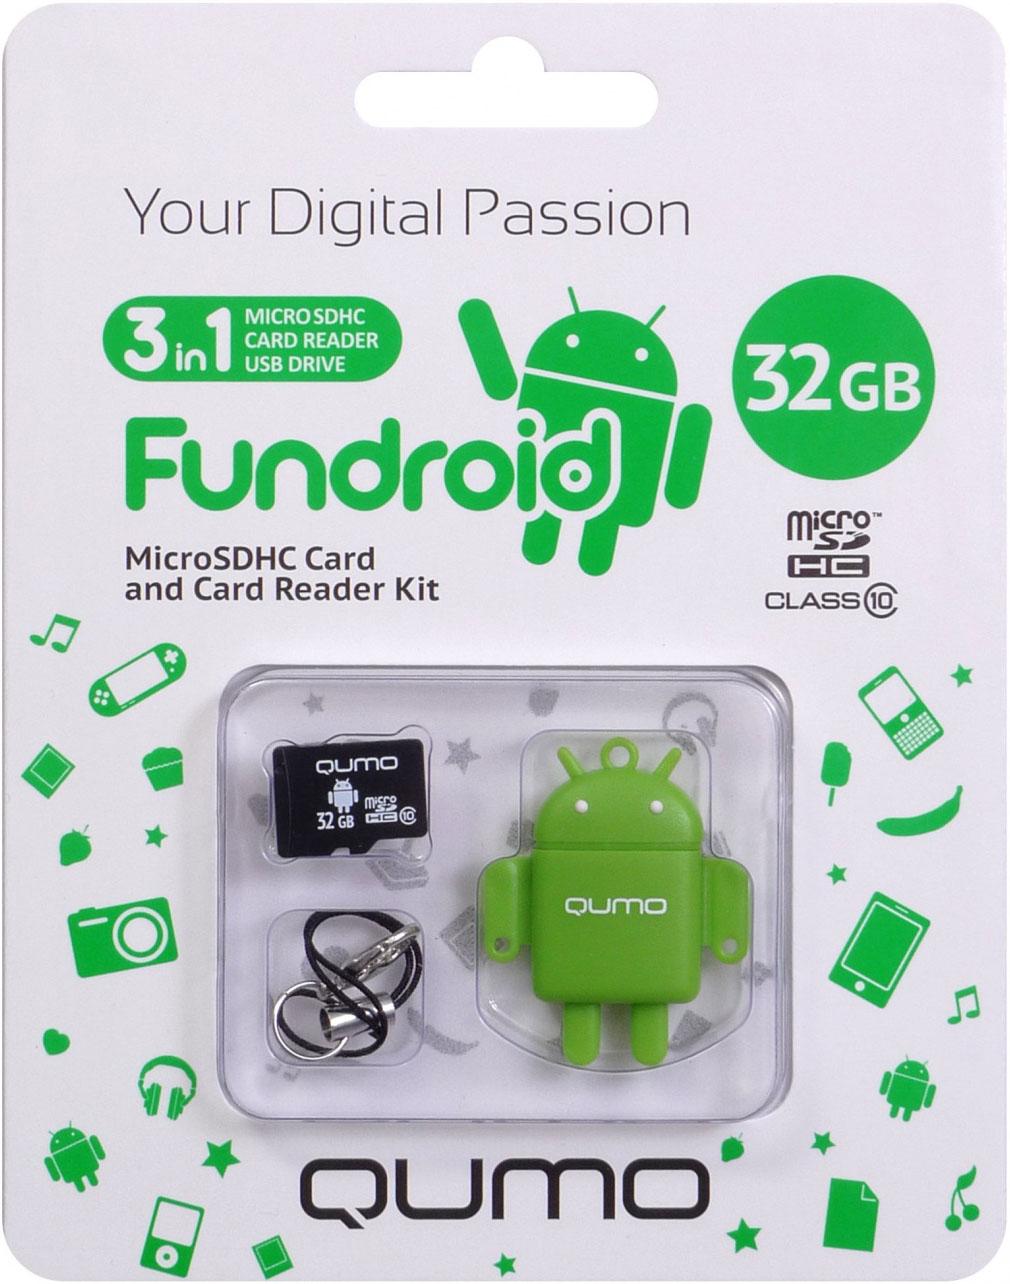 Карта памяти Qumo MicroSDHC 32 ГБ class 10 + USB картридер Fundroid для мобильных устройств (зеленый)Комплект Fundroid является идеальным решением класса «3-в-1» для тех, кто ценит функциональность и необычный дизайн. Во-первых, это высокоскоростная карта памяти для вашего мобильного устройства. Во-вторых, стильный картридер, который позволит вам оперативно обмениваться информацией. А в третьих, будучи совмещёнными друг с другом, они могут использоваться как высокоскоростной влагозащищенный USB-накопитель.<br>